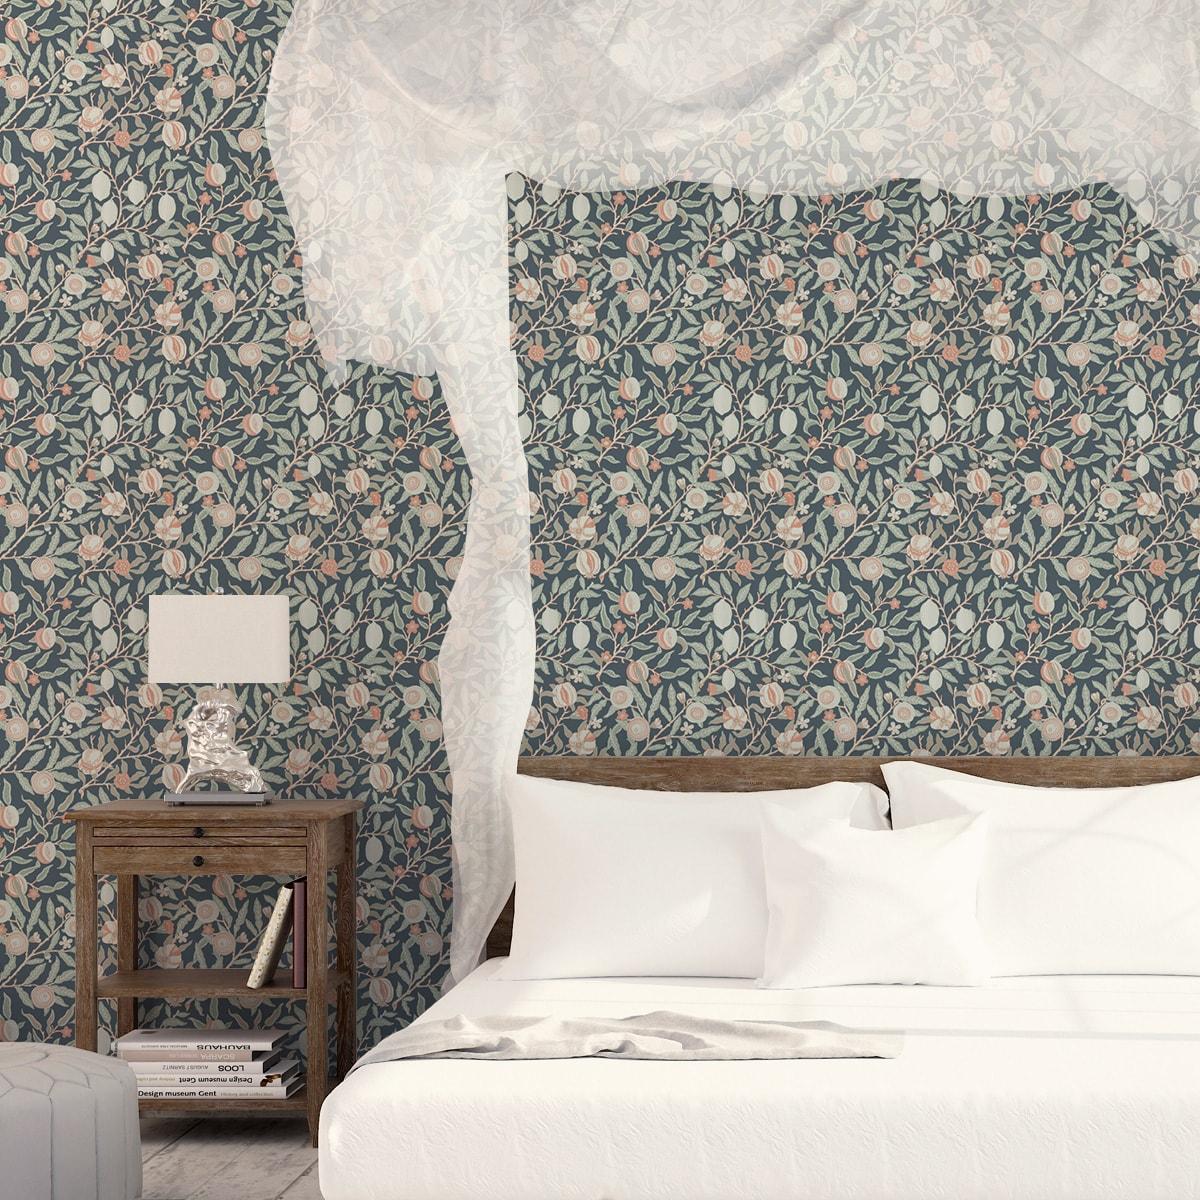 """Jugendstil Tapete """"Granatapfel Baum"""" nach William Morris, grau blaue Vlies Tapete Blumen Natur, elegante Wanddeko für Küche"""